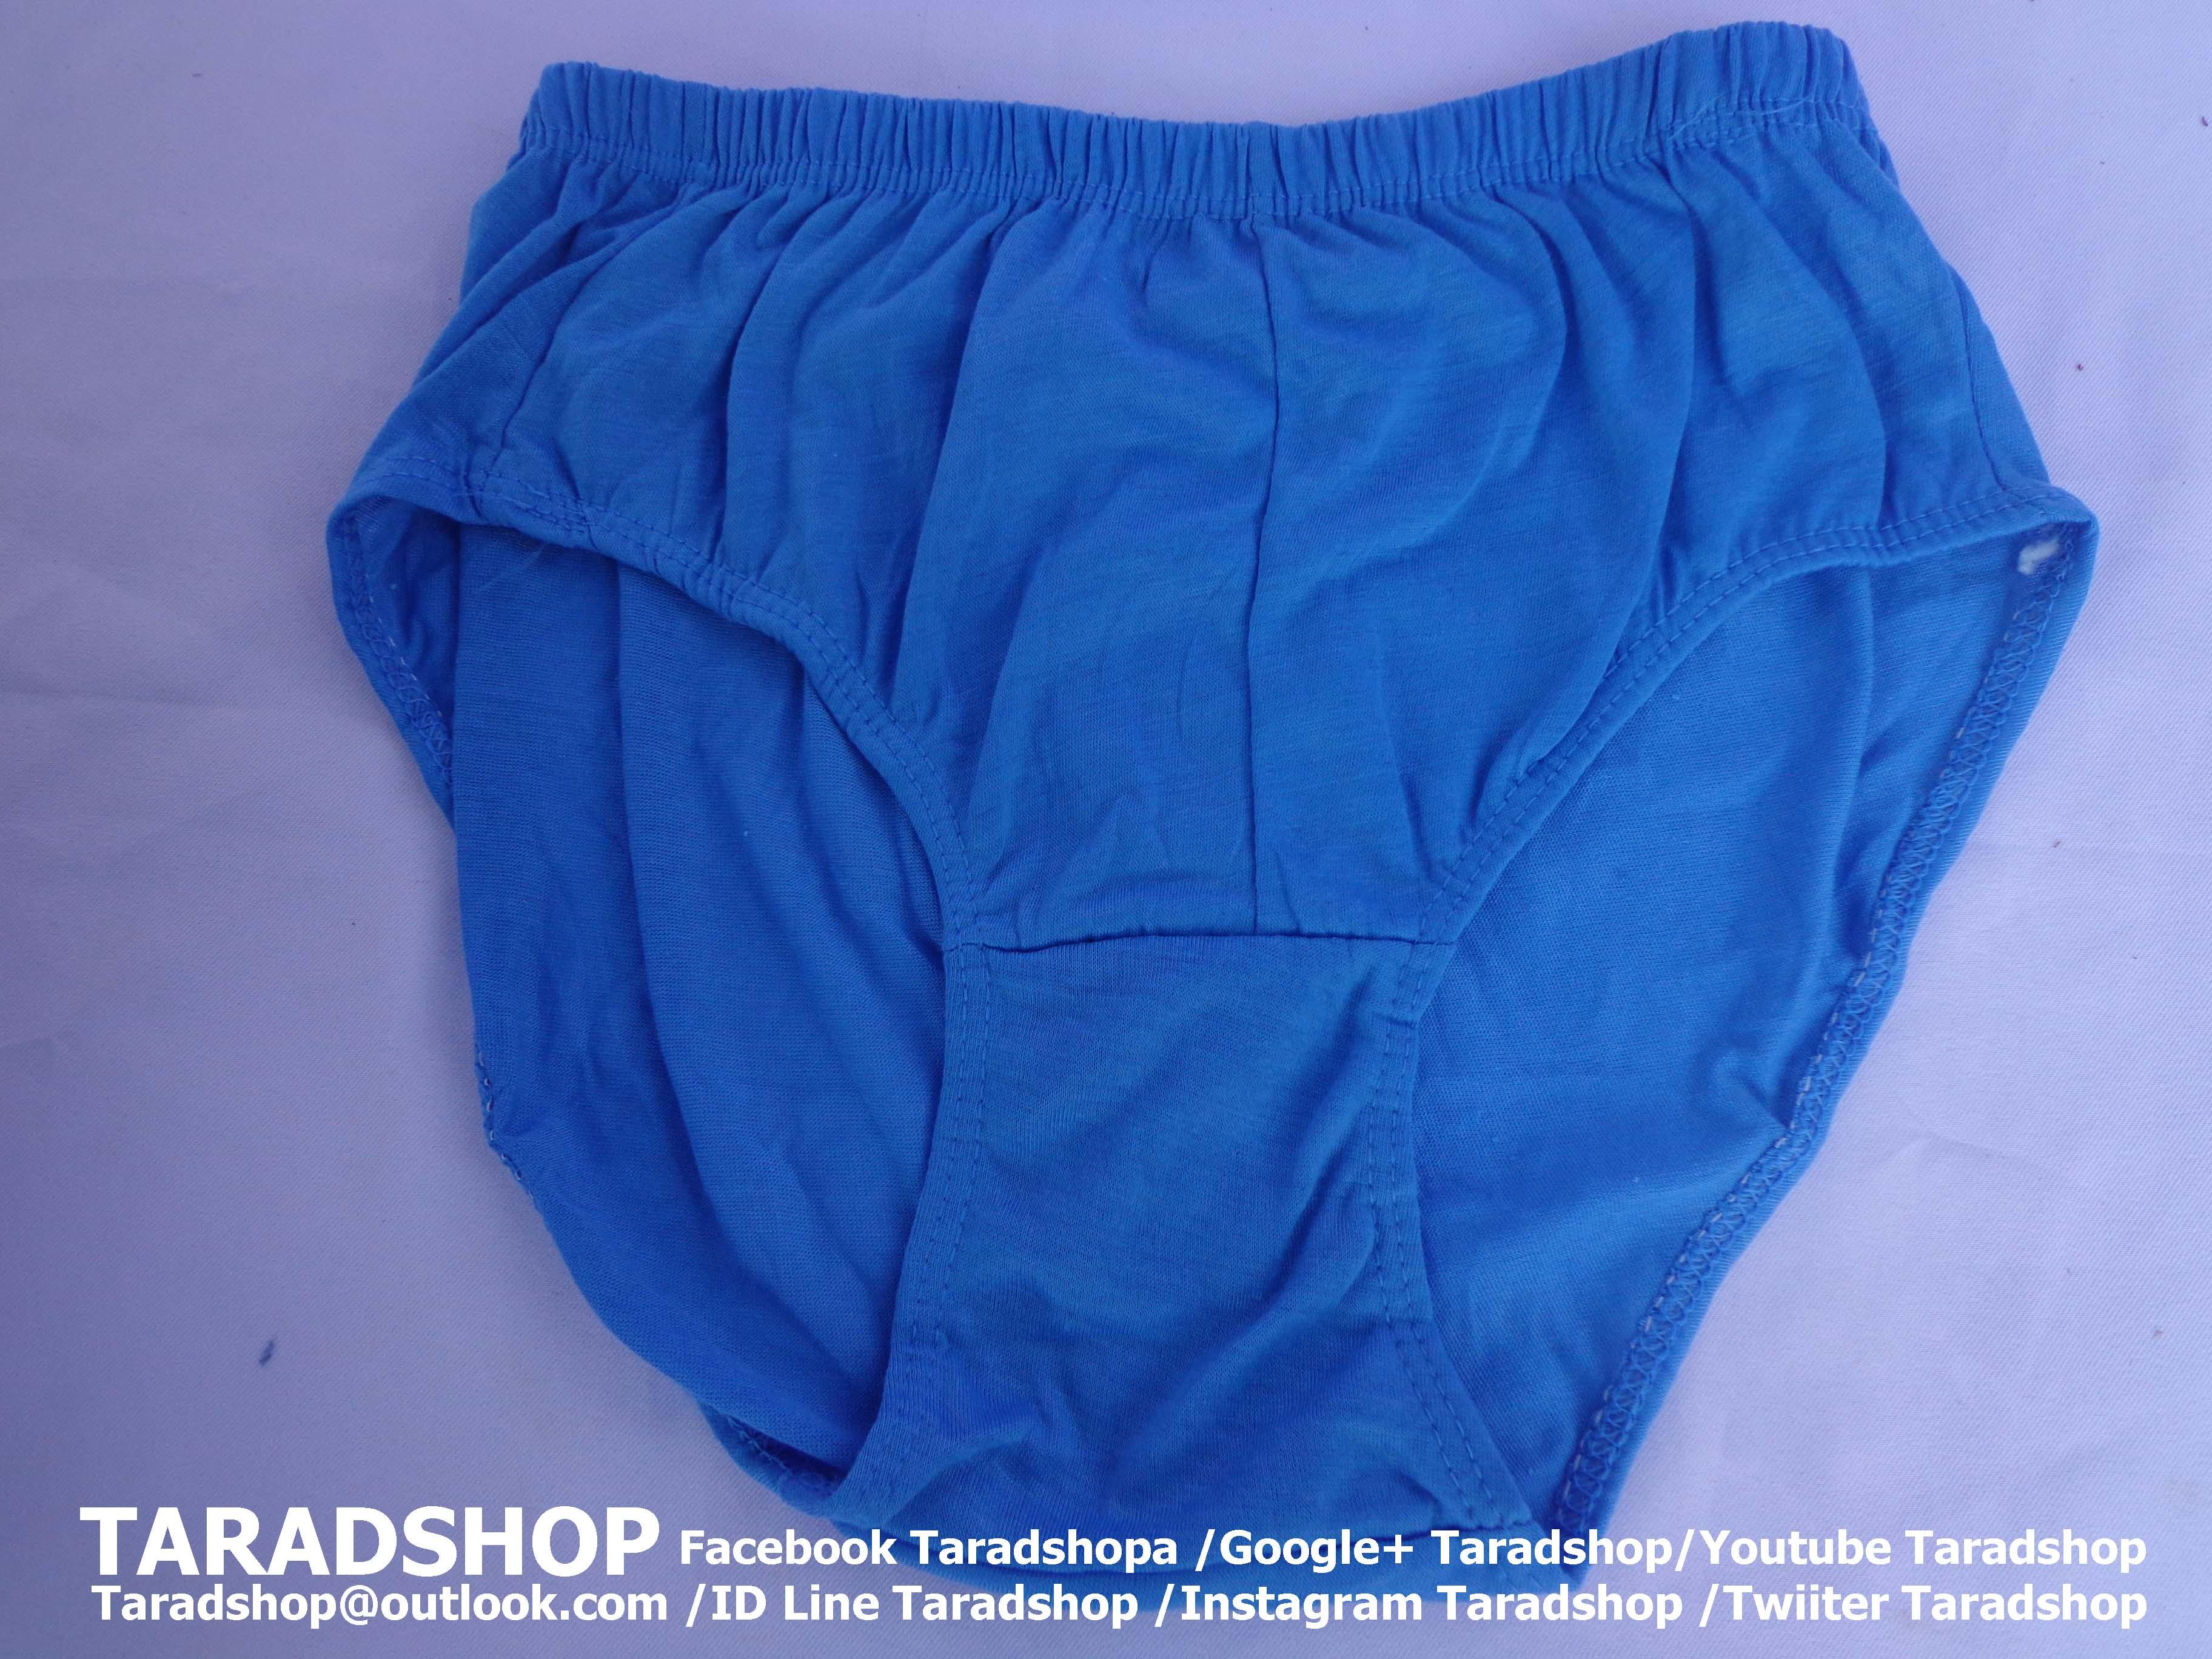 กางเกงใน ผู้ชาย ไซส์ XXXL--3